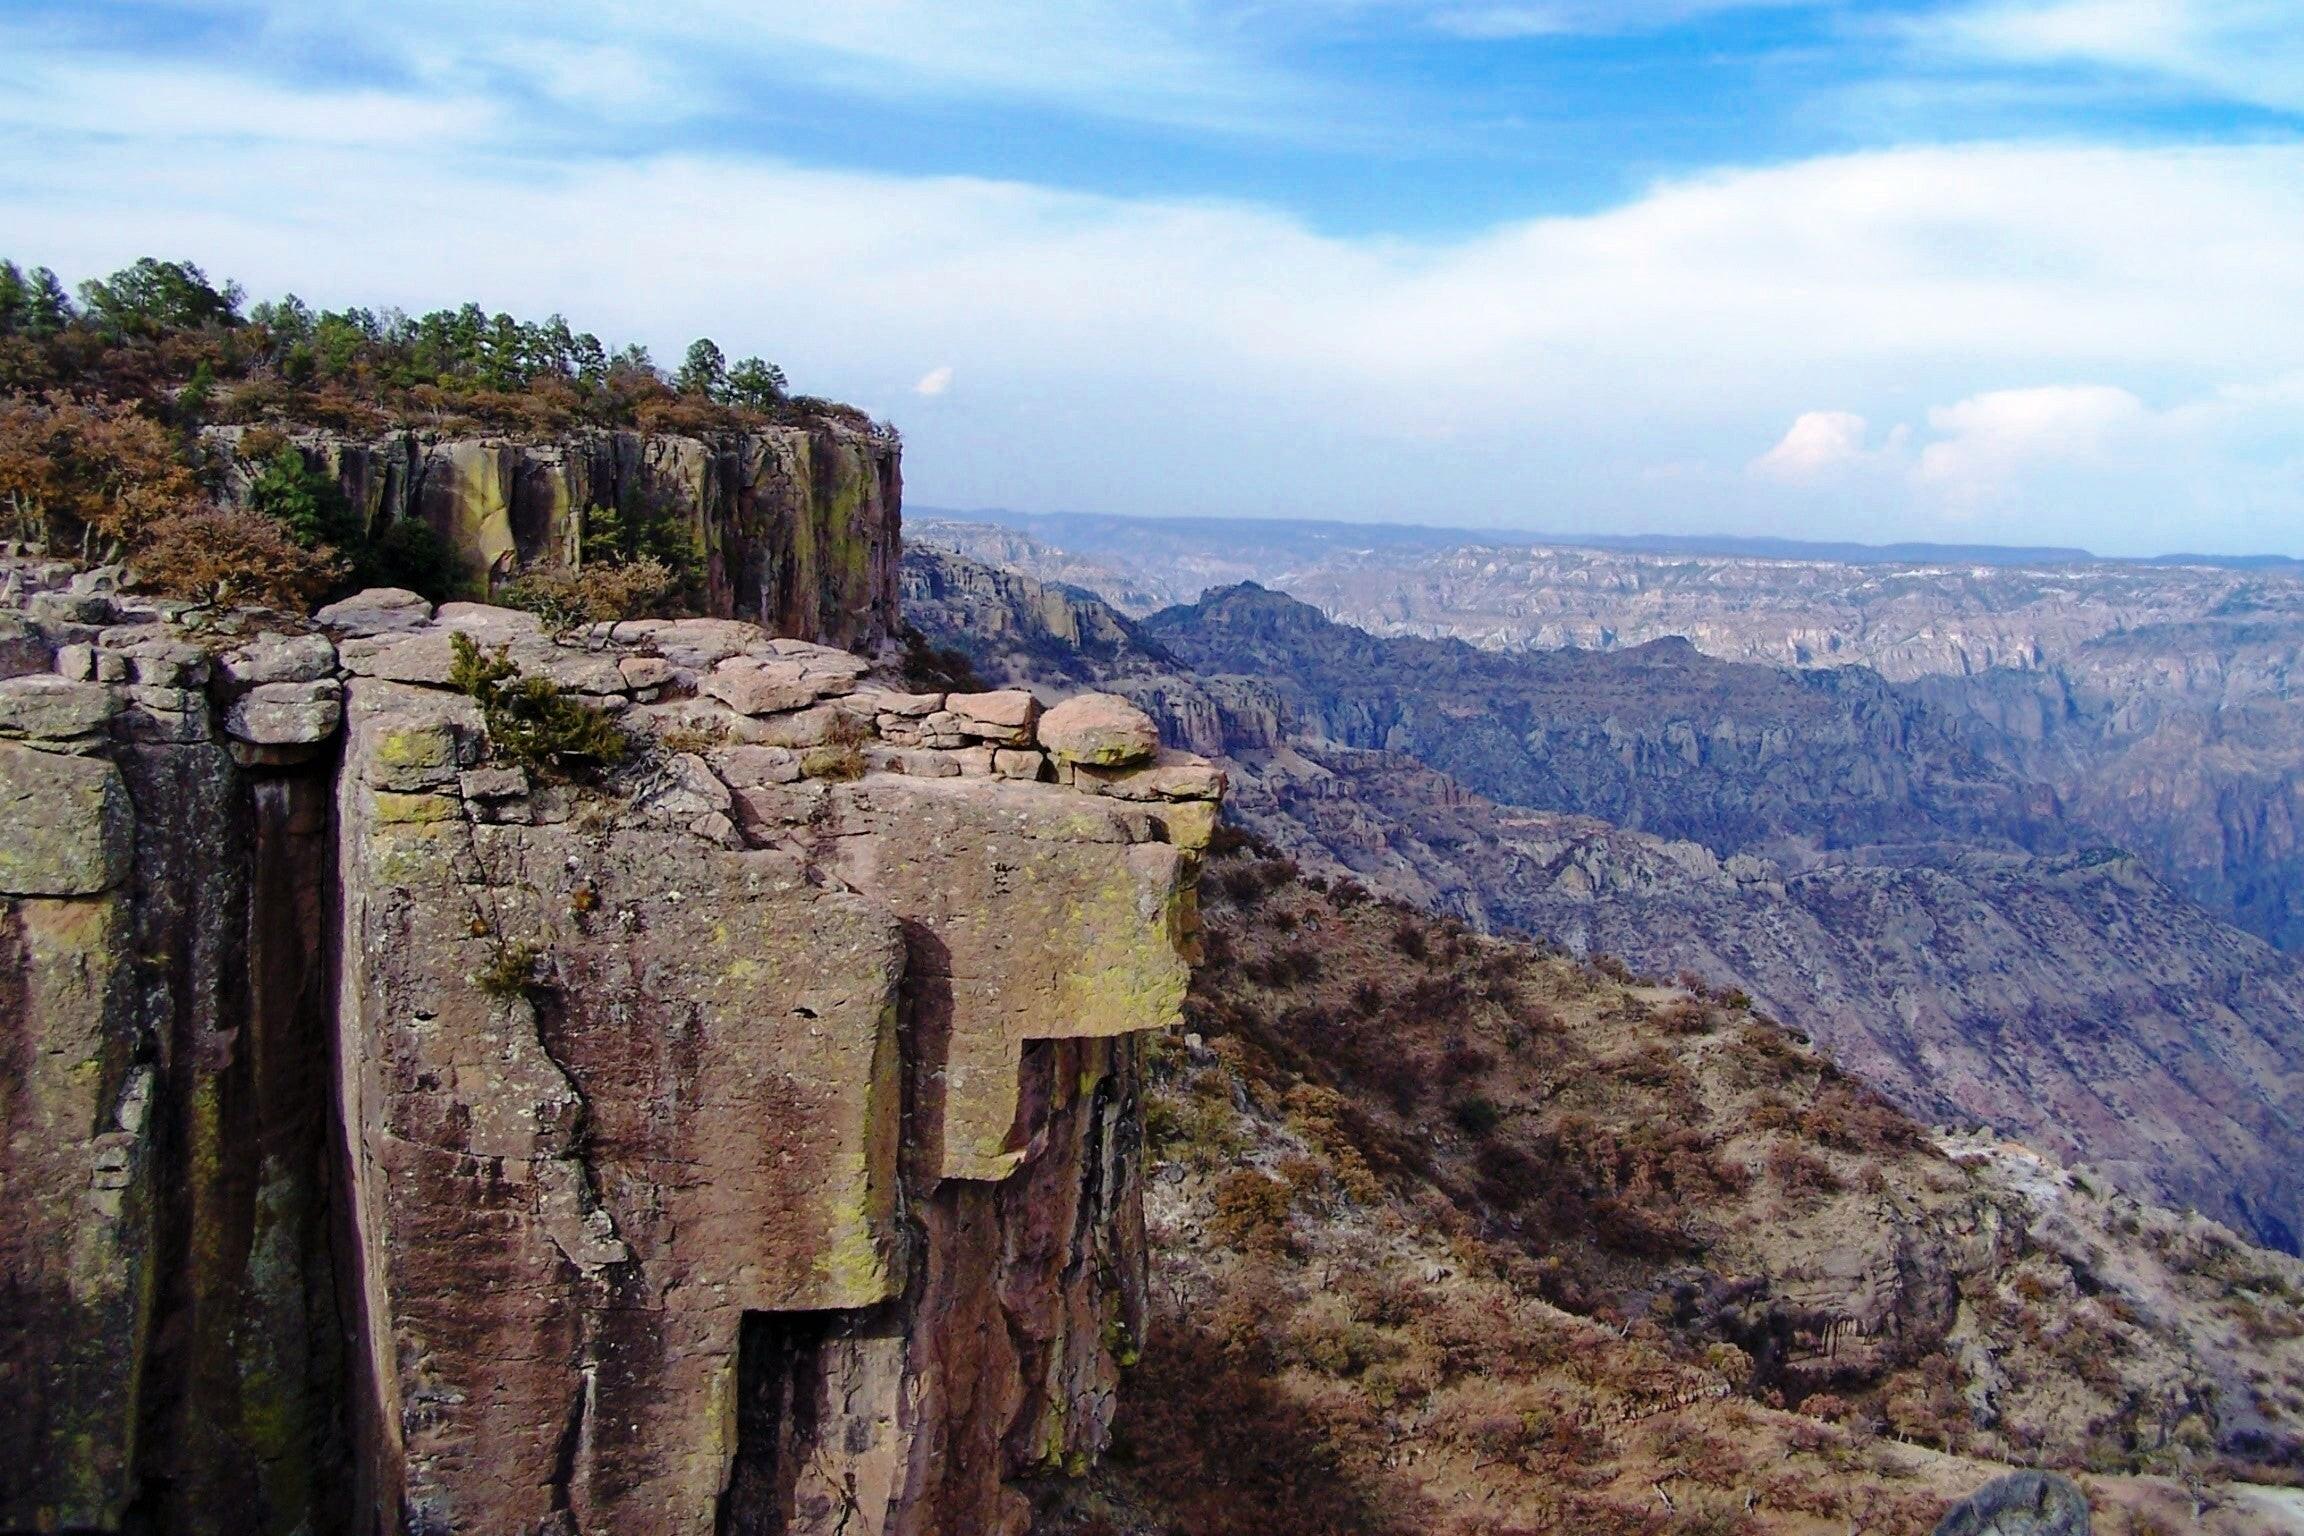 D10 Parque Aventura - Piedra Volada